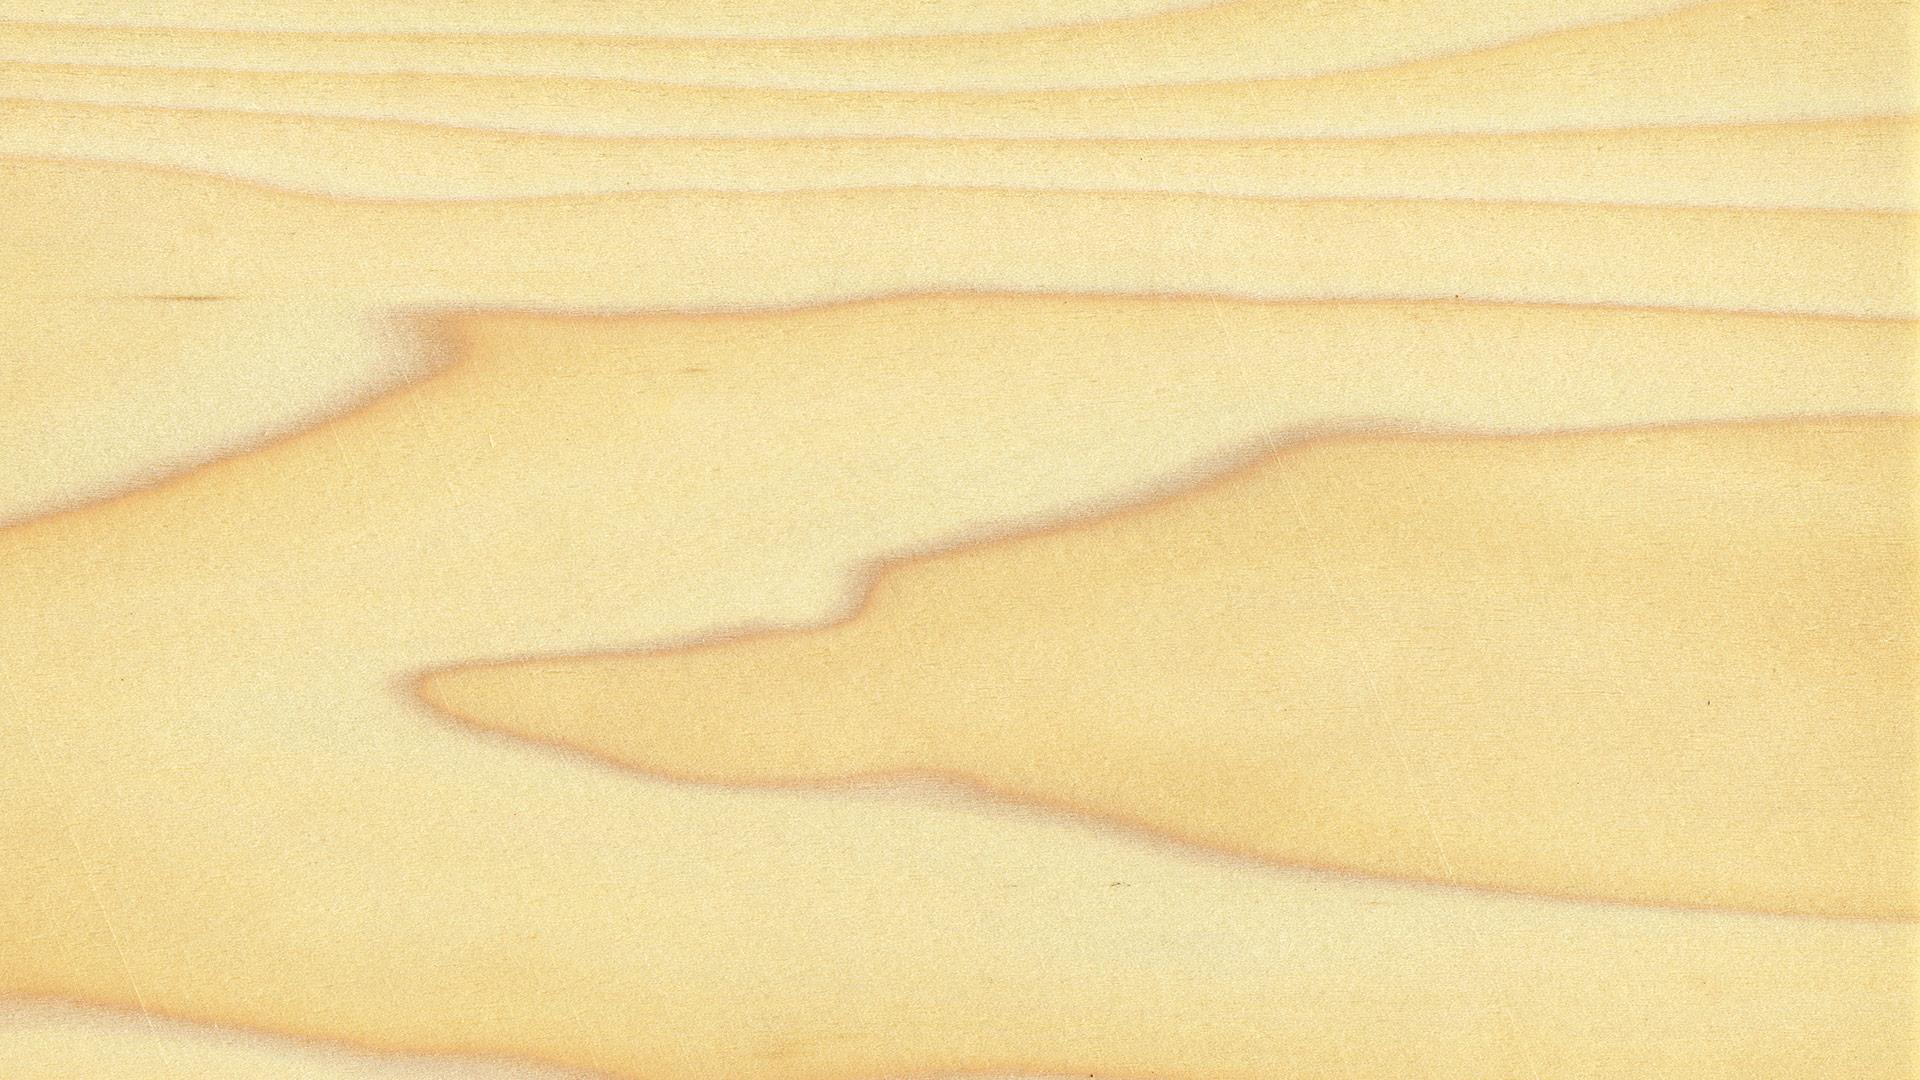 Poplar grain 1920x1080